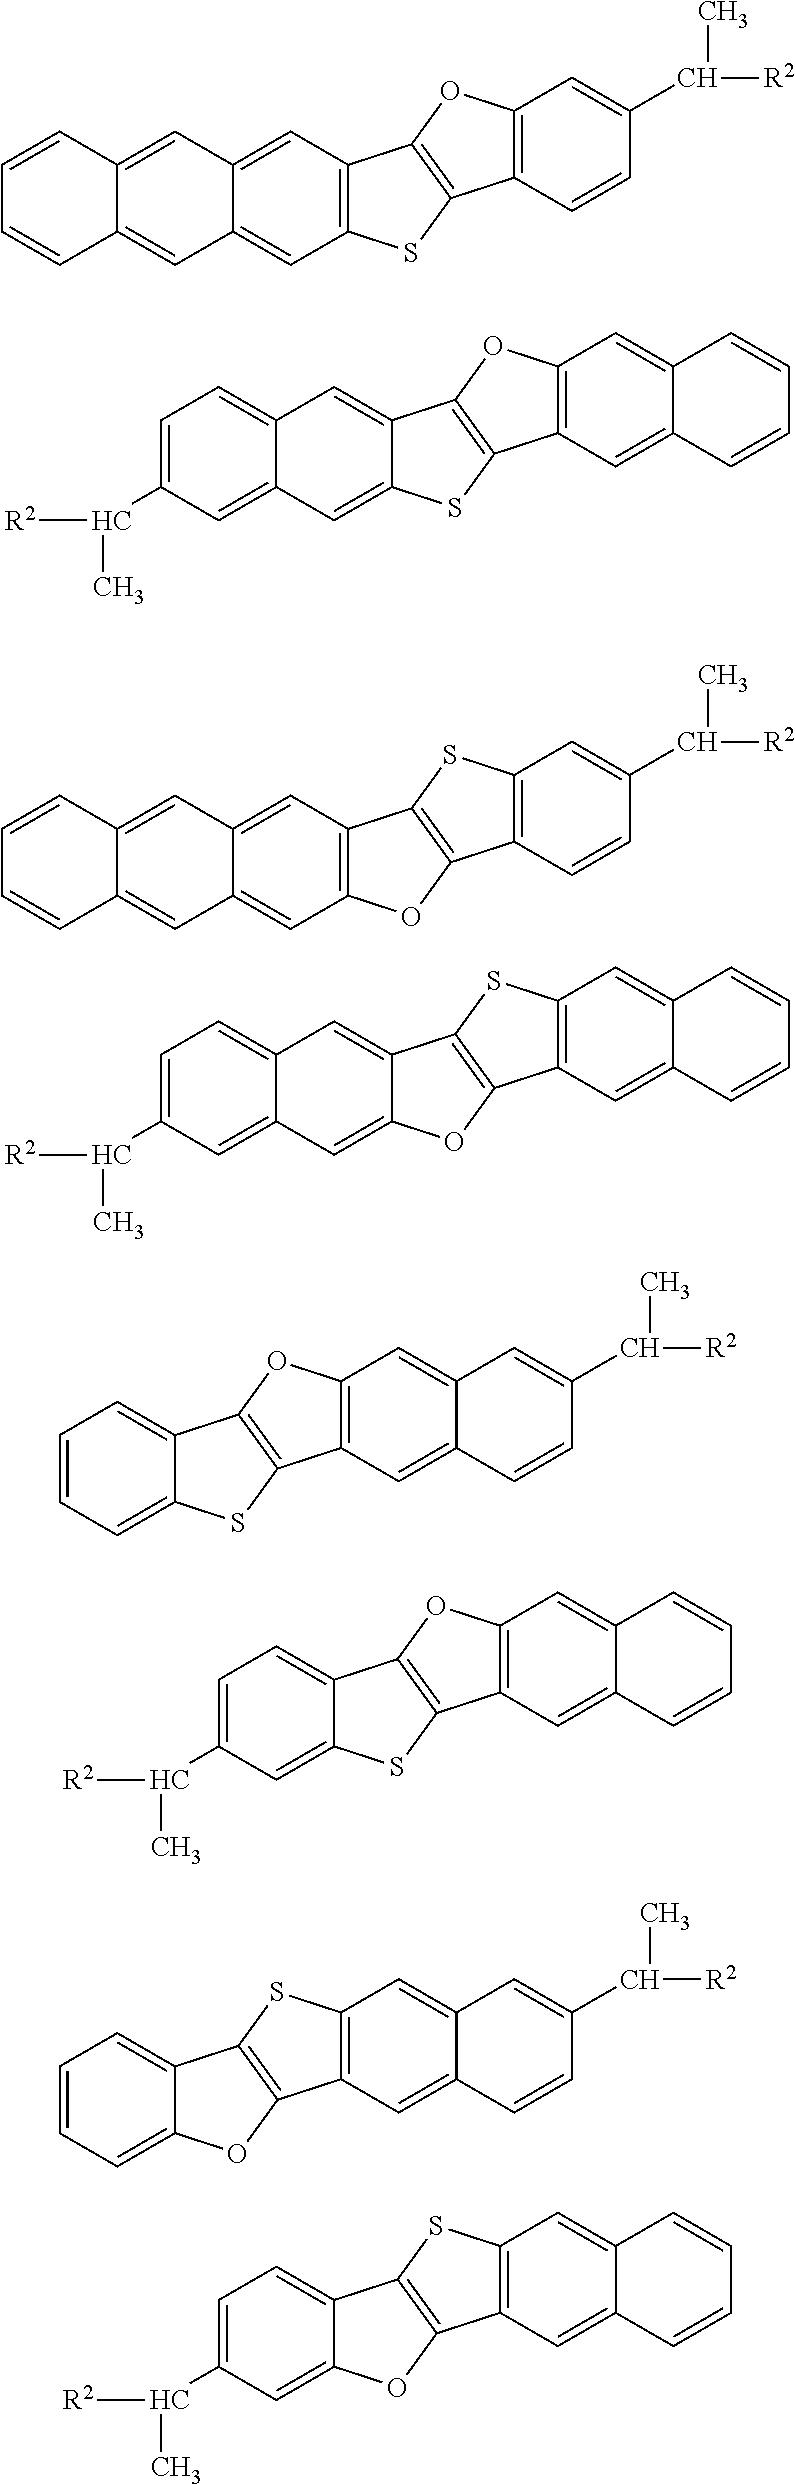 Figure US09911927-20180306-C00013